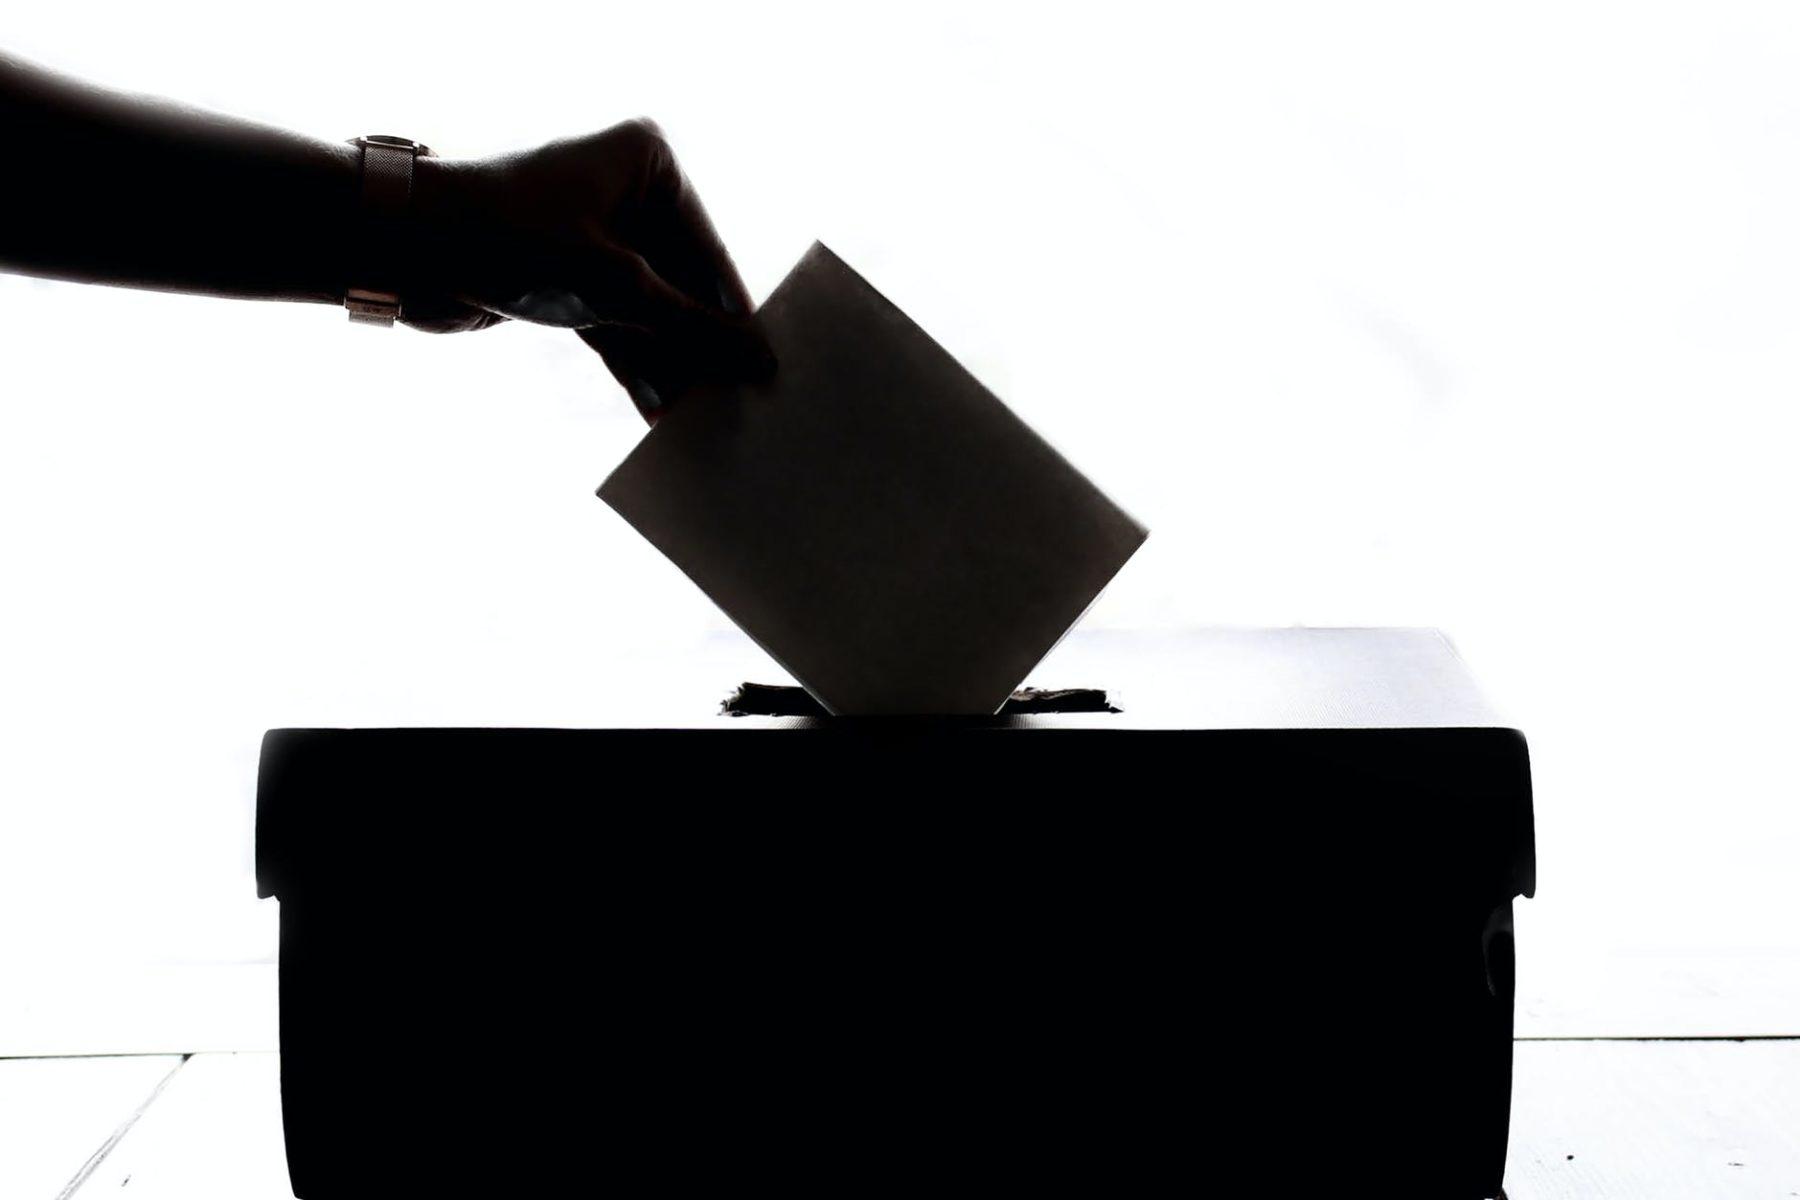 Silhouette d'une main glissant une enveloppe dans une urne en noir sur fond blanc